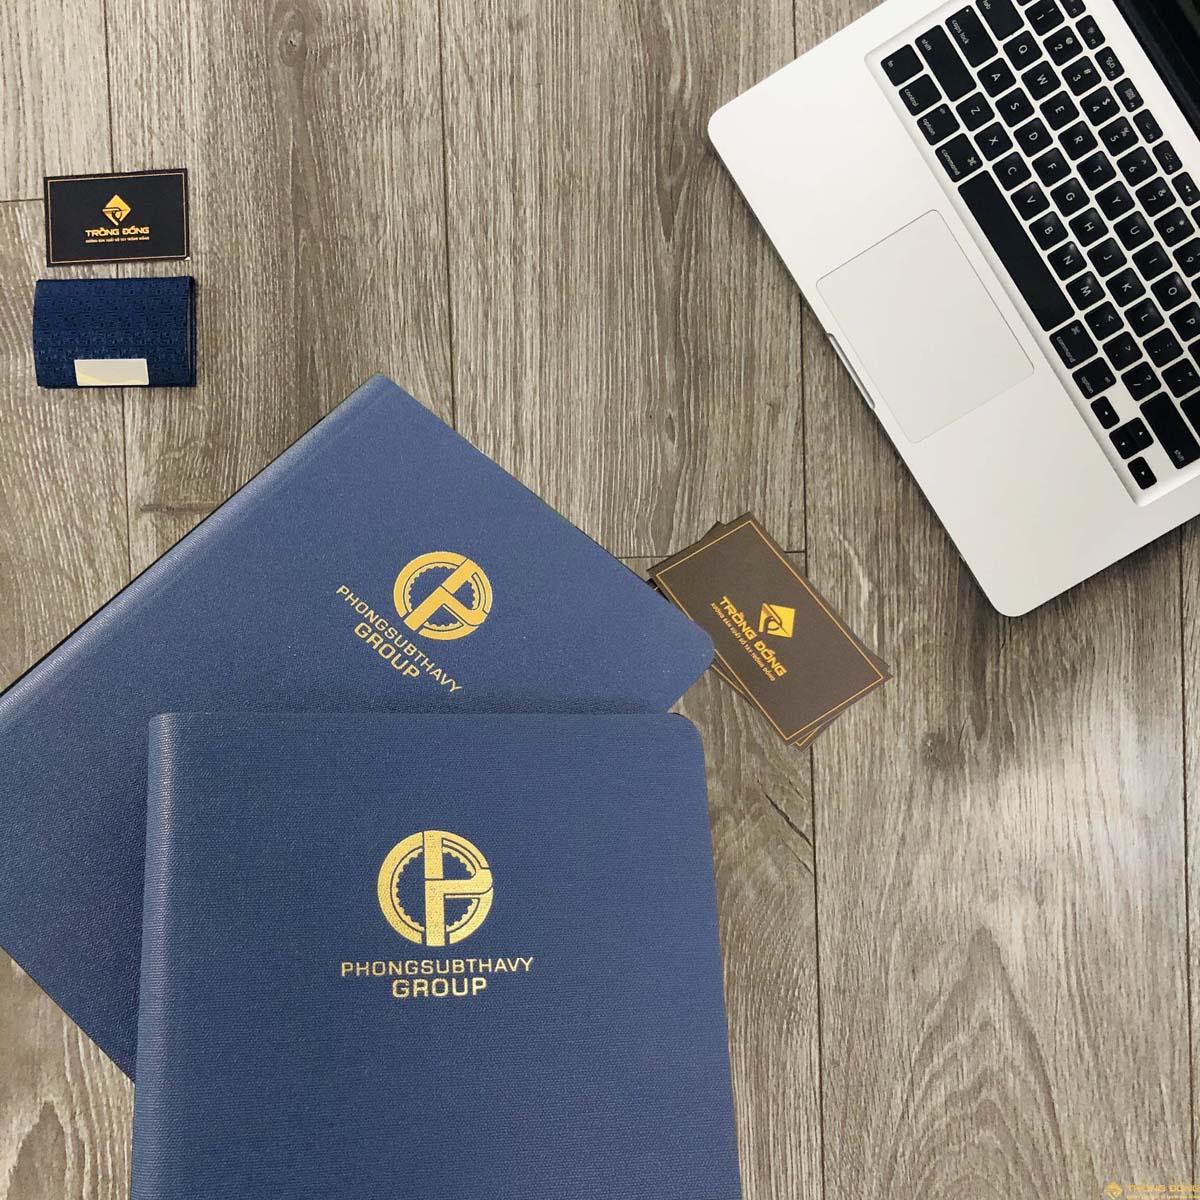 Logo PHONGSUBTHAVY GROUP được ép nhũ vàng nổi bật trên nền xanh của sổ bìa da